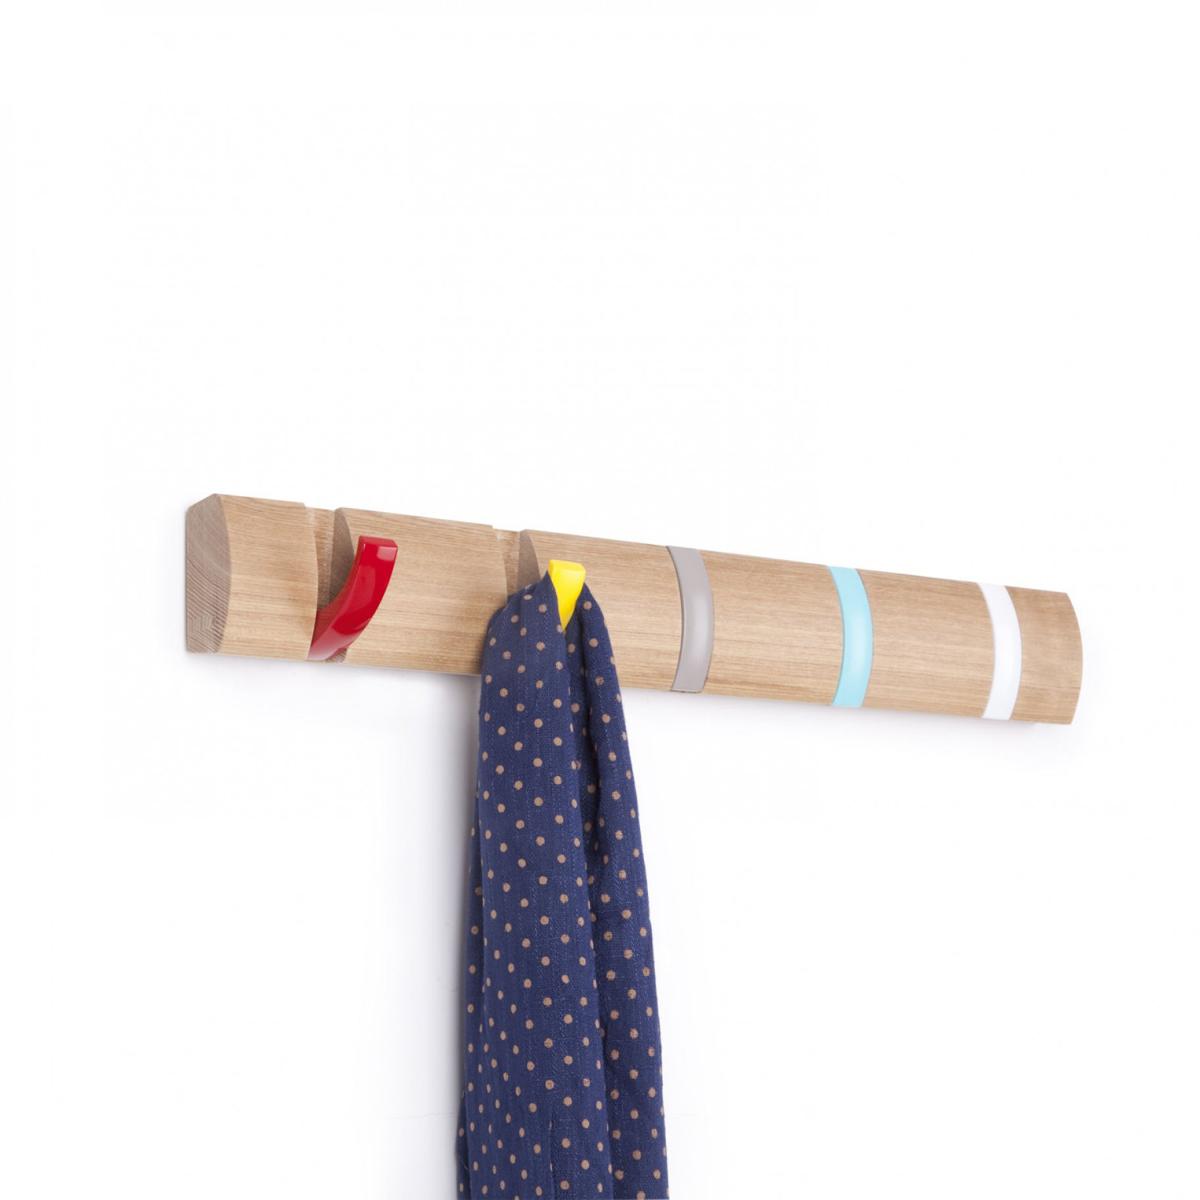 Вешалка настенная Umbra Flip, цвет: светло-коричневый, 5 крючков1004900000360Стильная и прочная вешалка Umbra Flip интересной формы и оригинального дизайна изготовлена из дерева. Имеет 5 откидных крючков из никеля: когда они не используются, то складываются, превращая конструкцию в абсолютно гладкую поверхность. Вешалка Umbra Flip идеально подходит для маленьких прихожих и ограниченных пространств. Каждый крючок выдерживает вес до 2,3 кг.